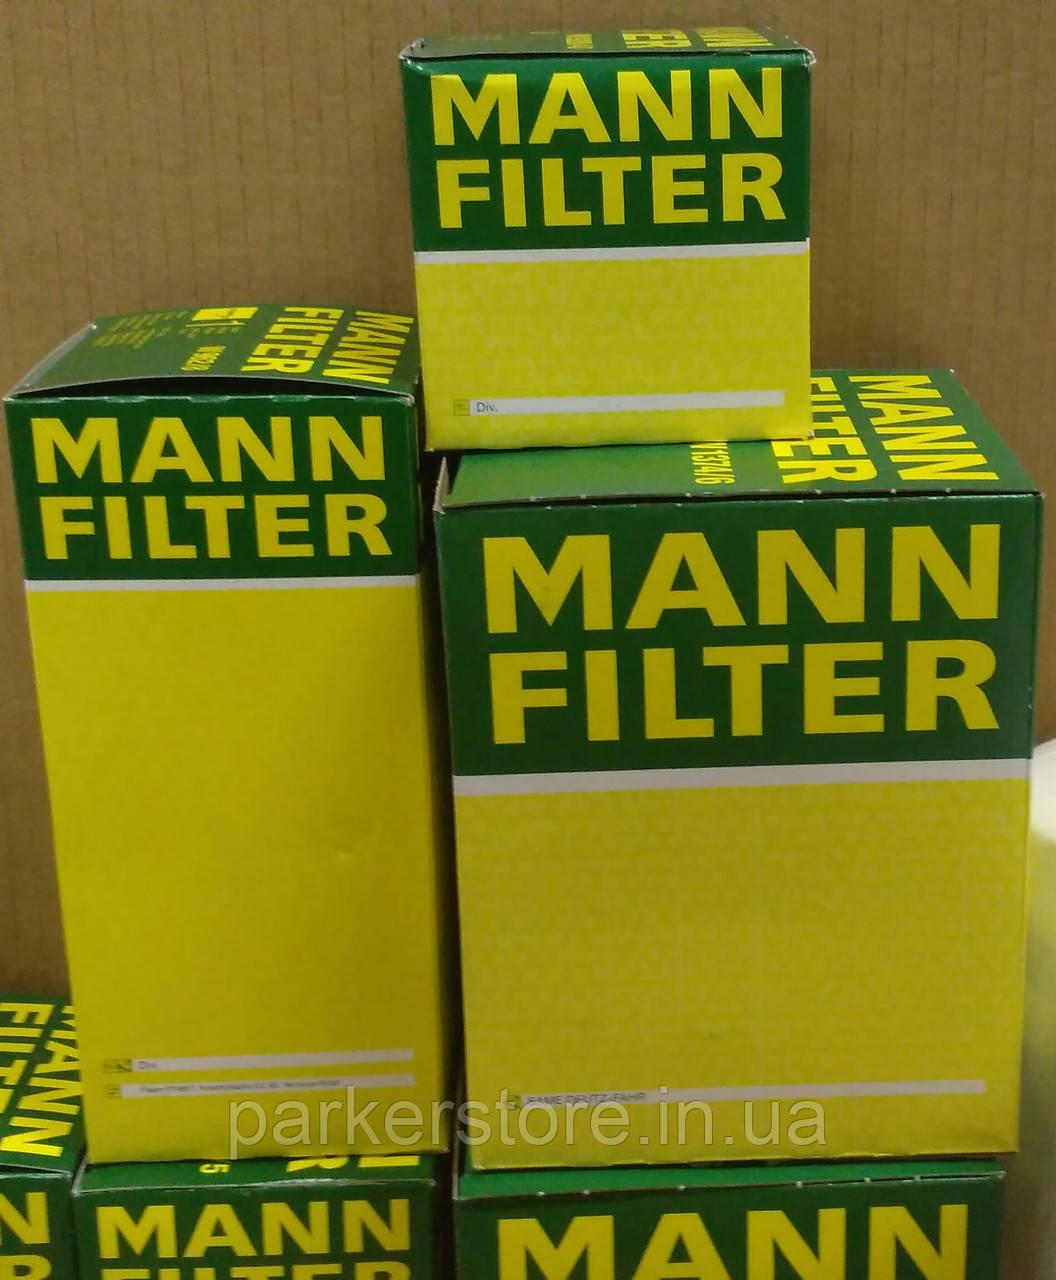 MANN FILTER / Воздушный фильтр / C 25 860/8 / C25860/8